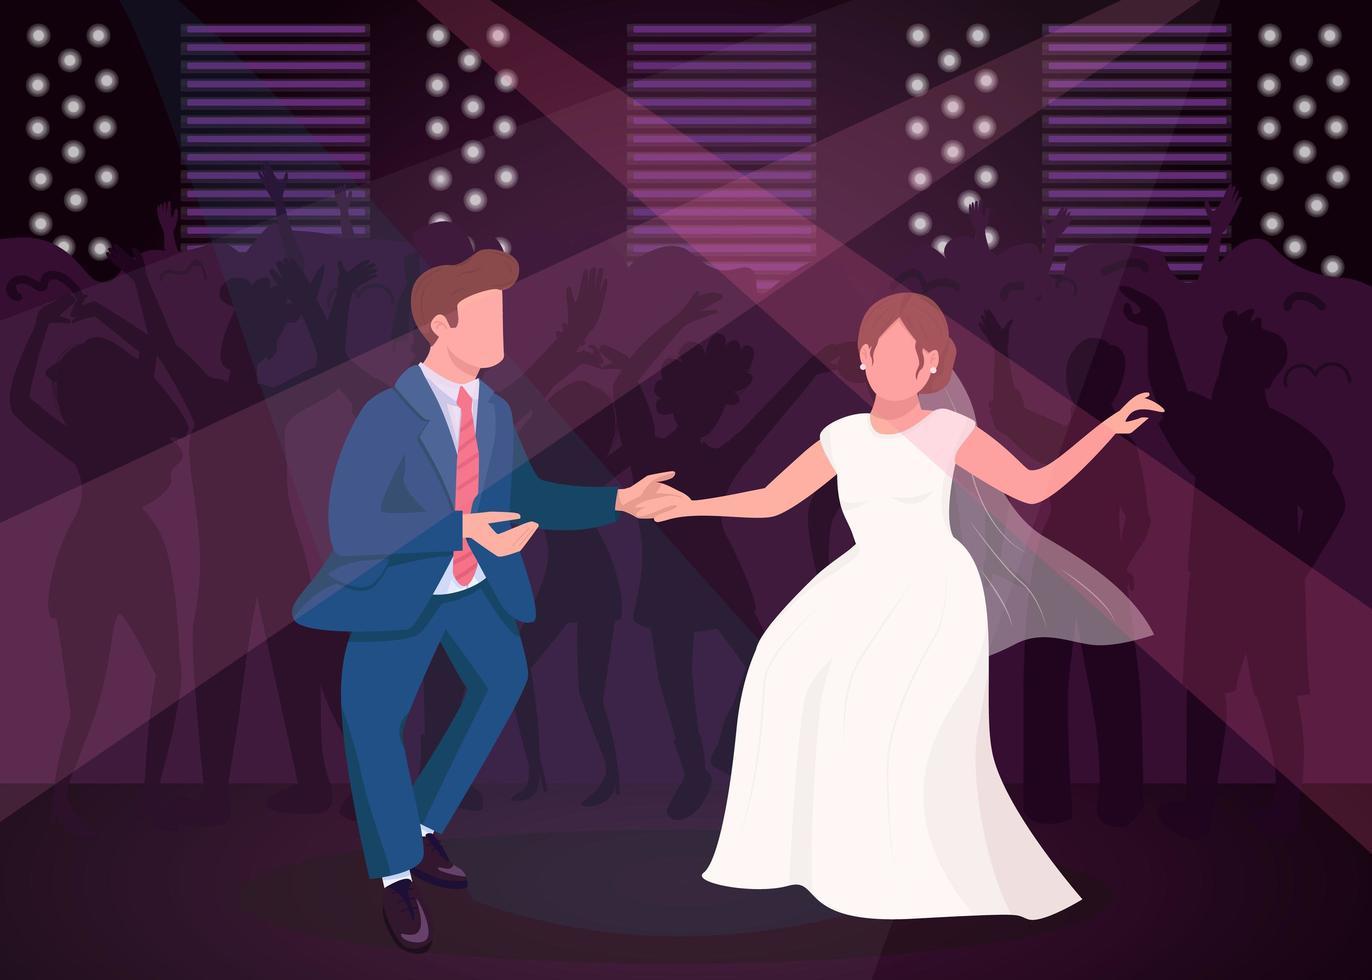 huwelijksnachtfeest vector